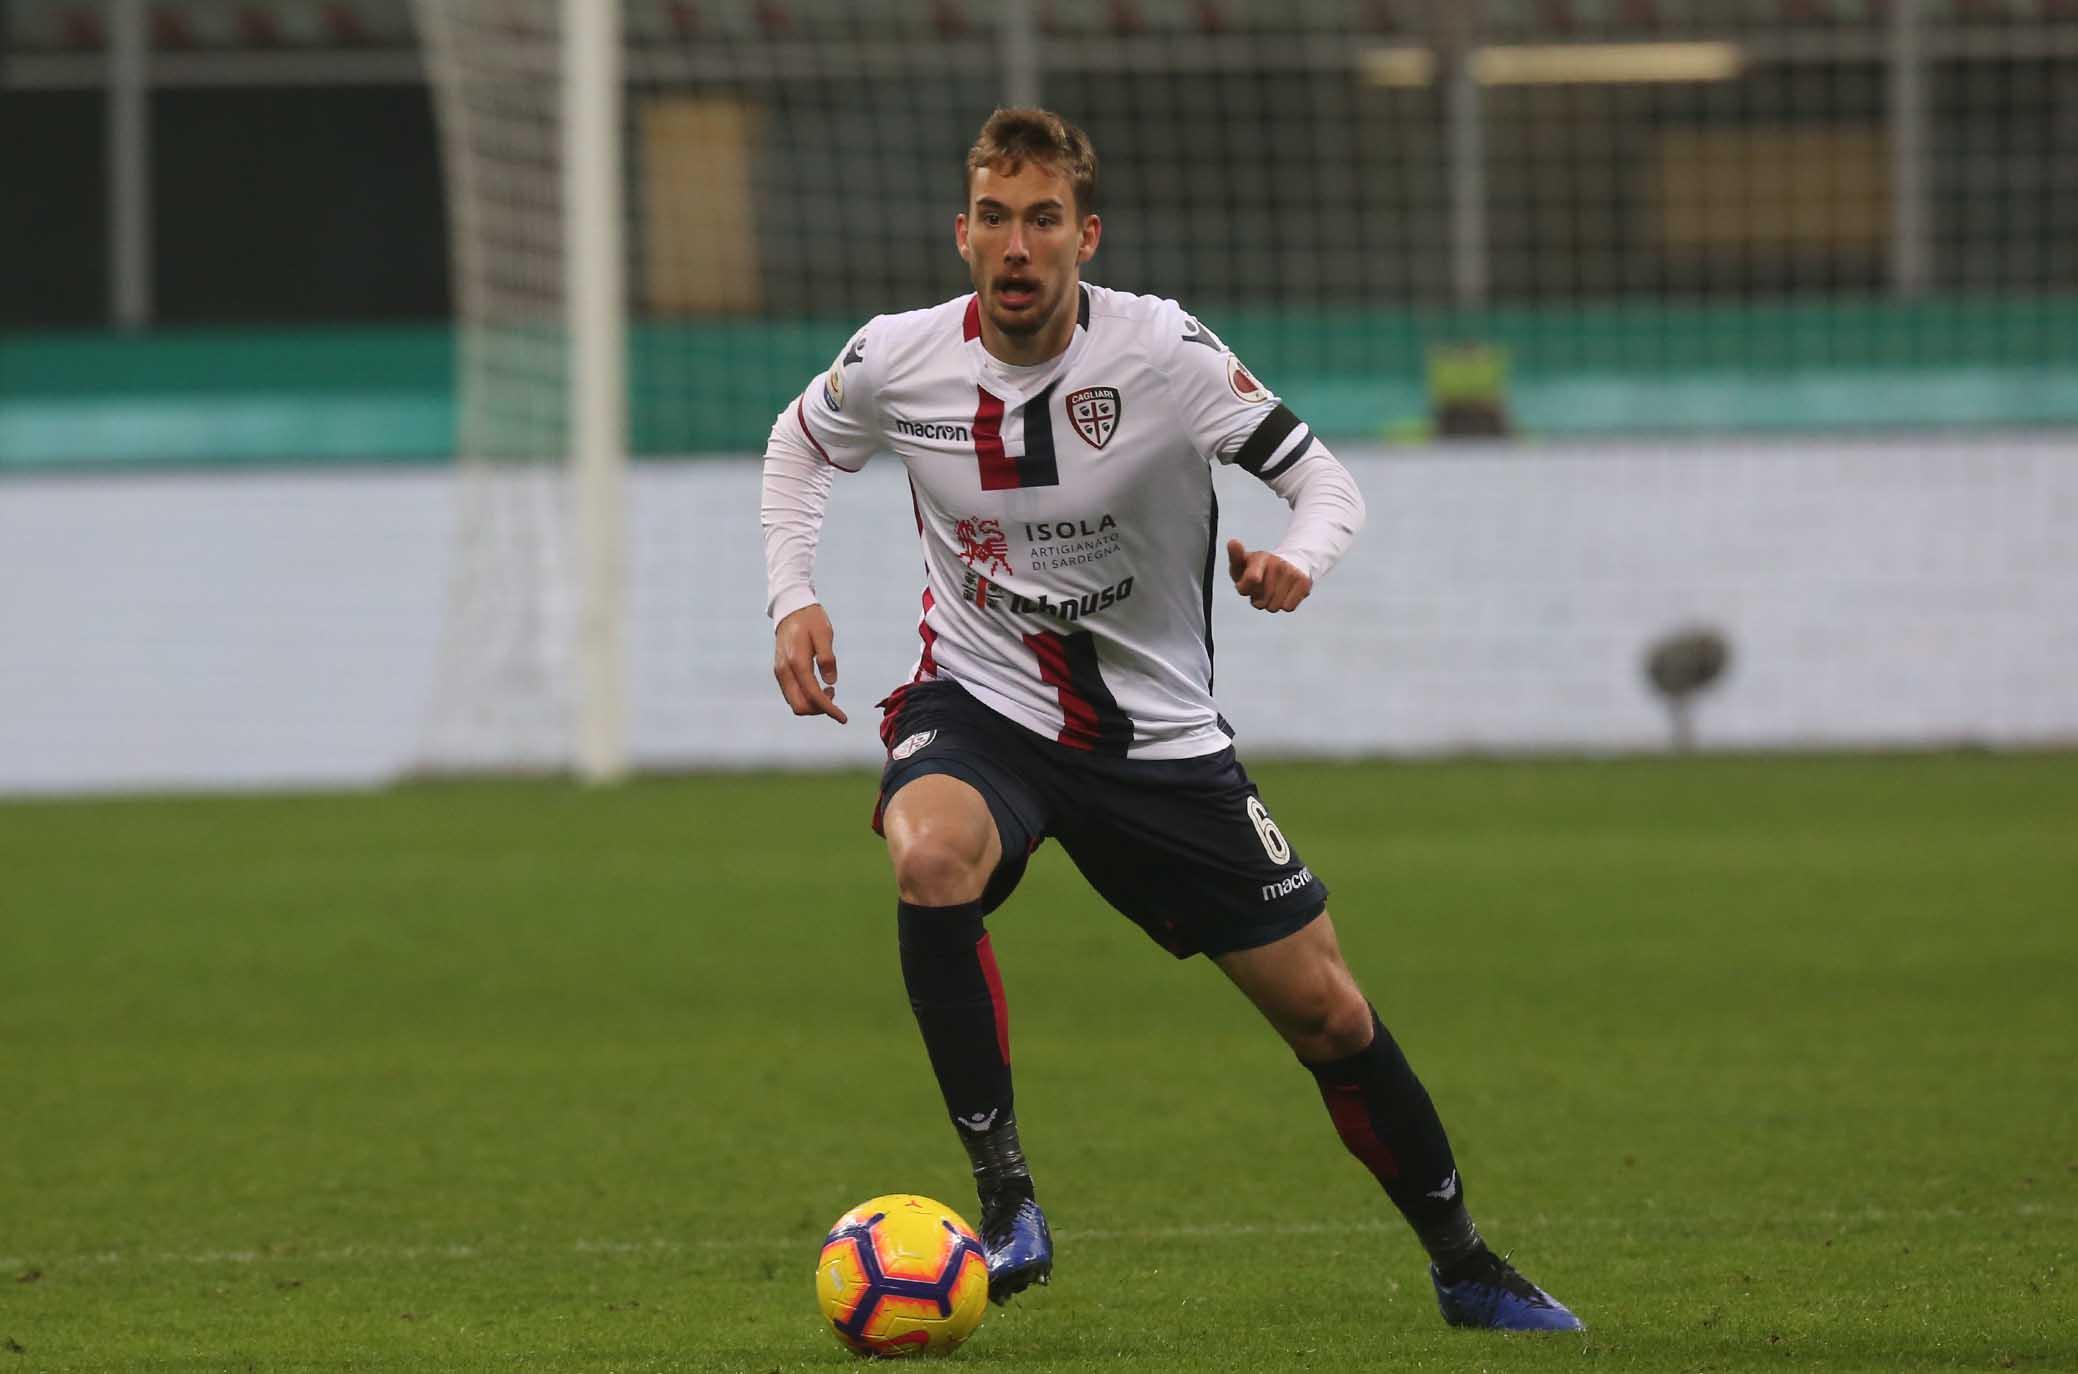 Nainggolan Cagliari, accordo vicino con l'Inter: cifre e dettagli